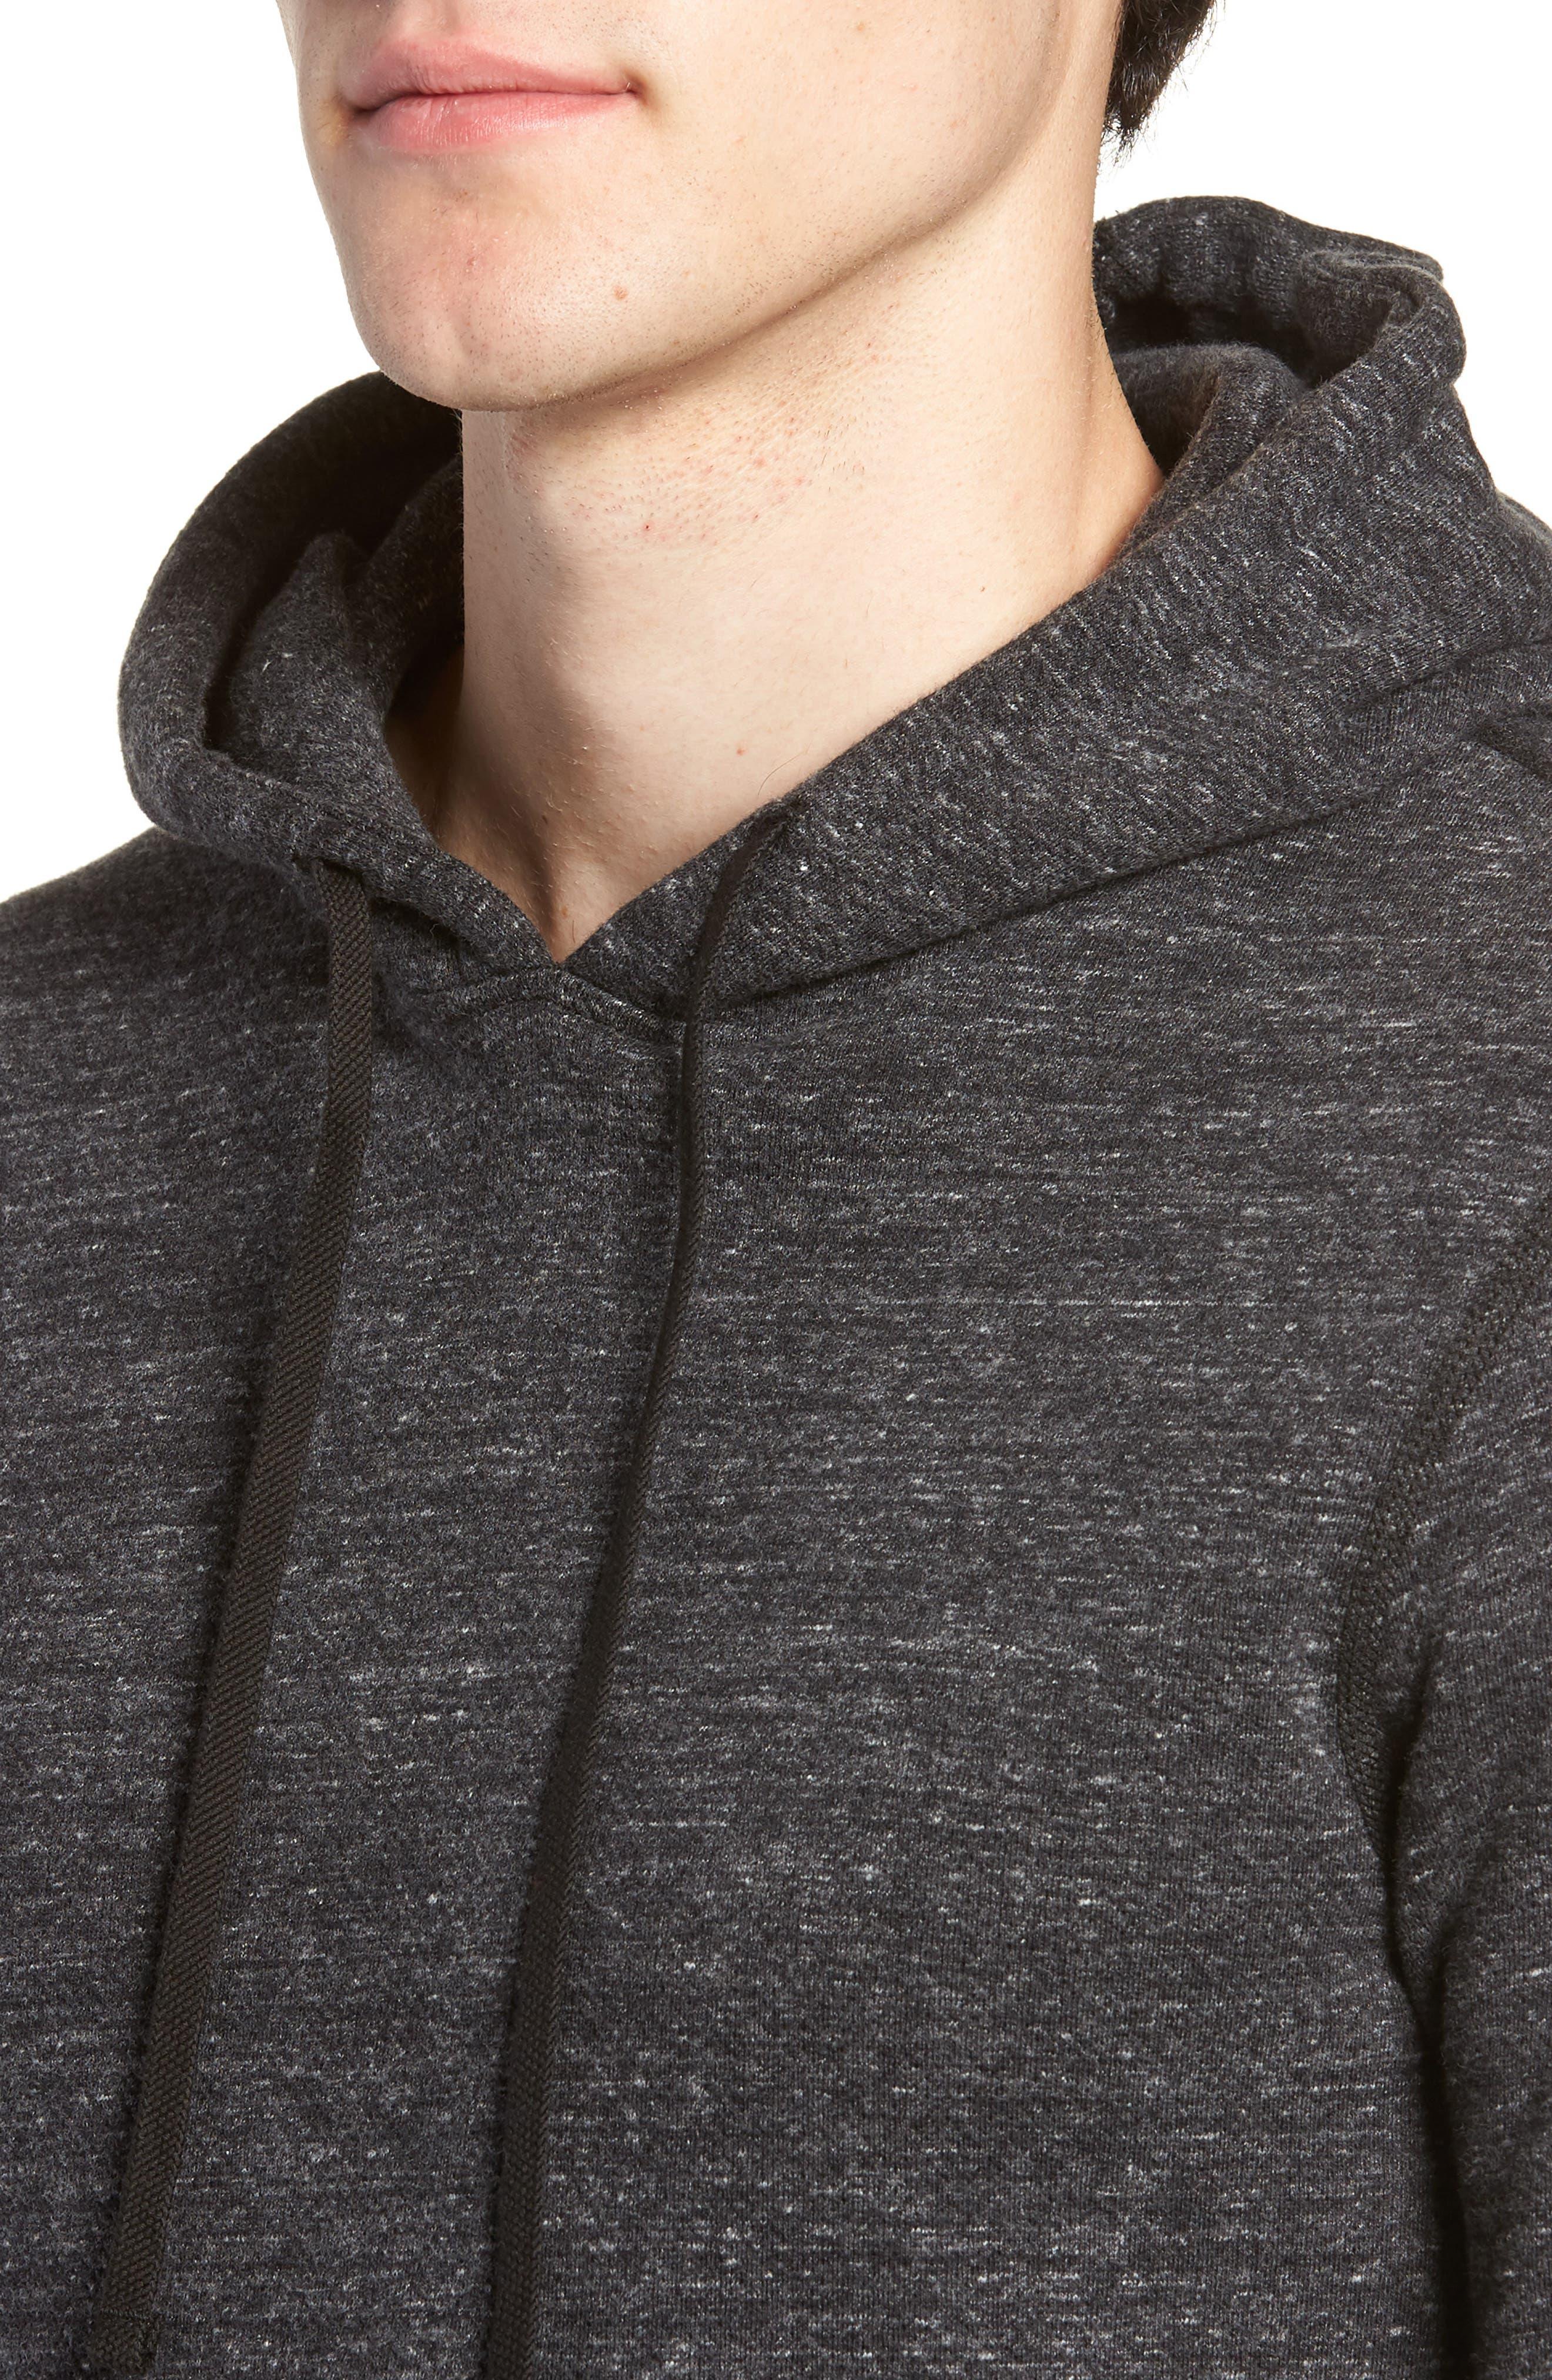 Trim Fit Side Zip Hooded Sweatshirt,                             Alternate thumbnail 4, color,                             020